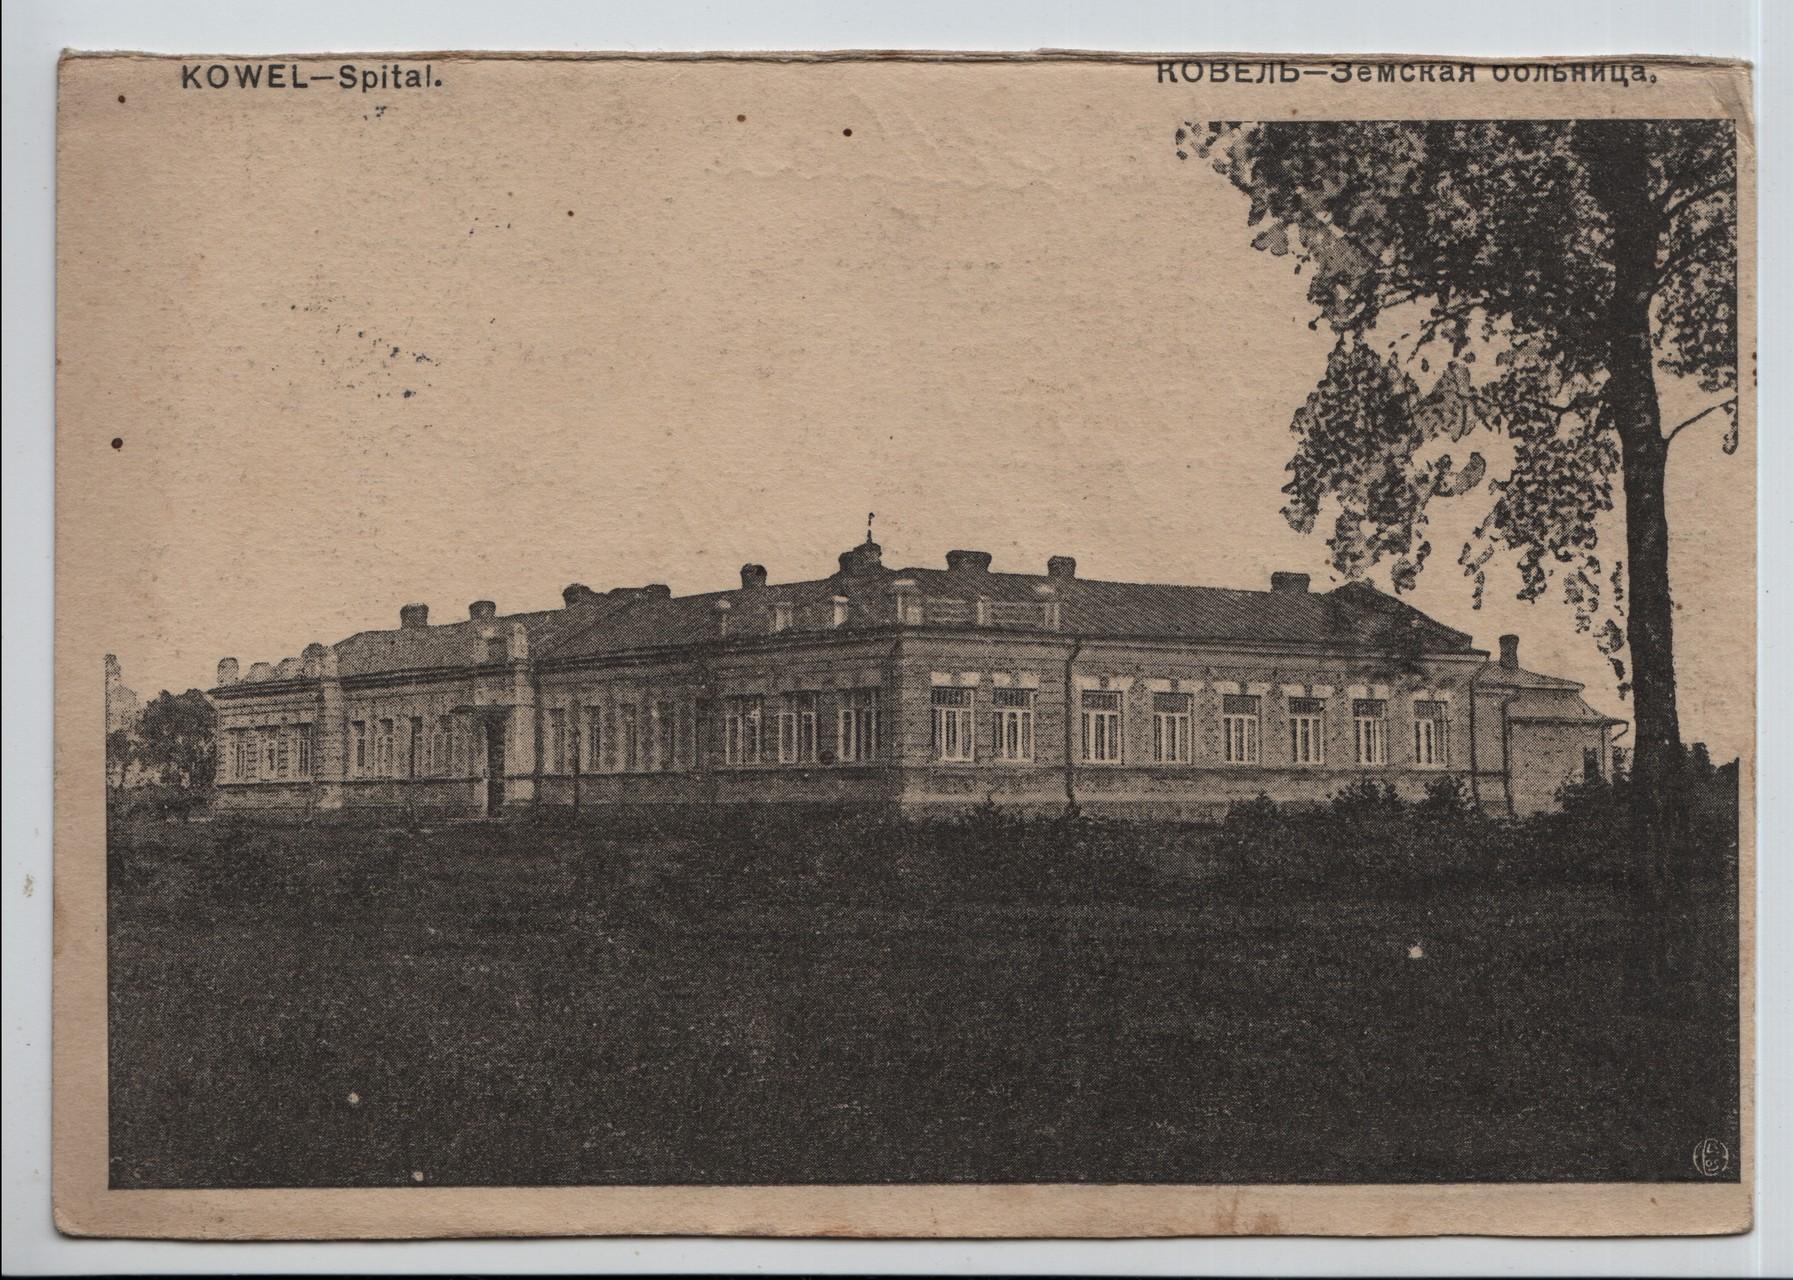 9. Hospital at Kowel (Ukraine)